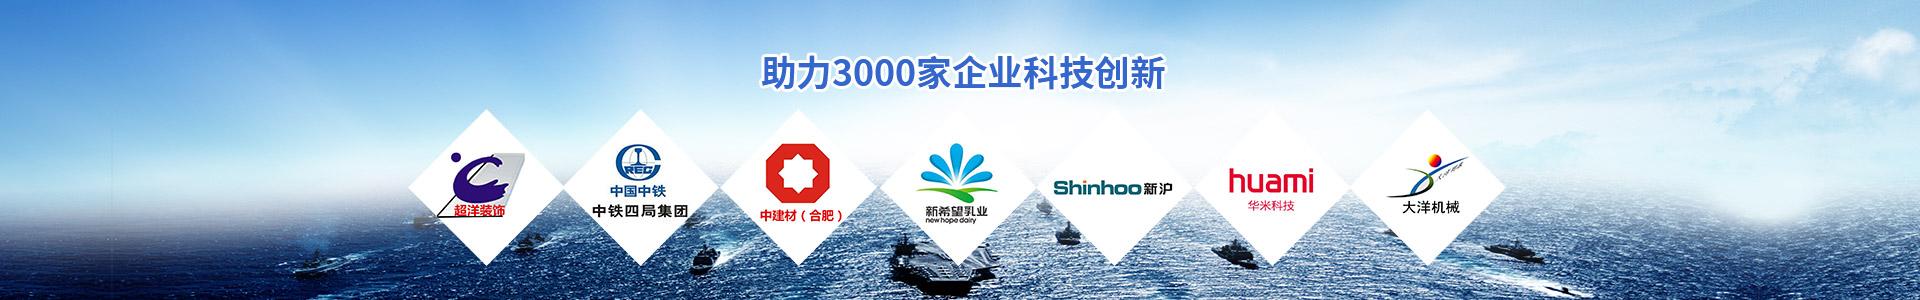 卧涛助力3000家企业科技创新